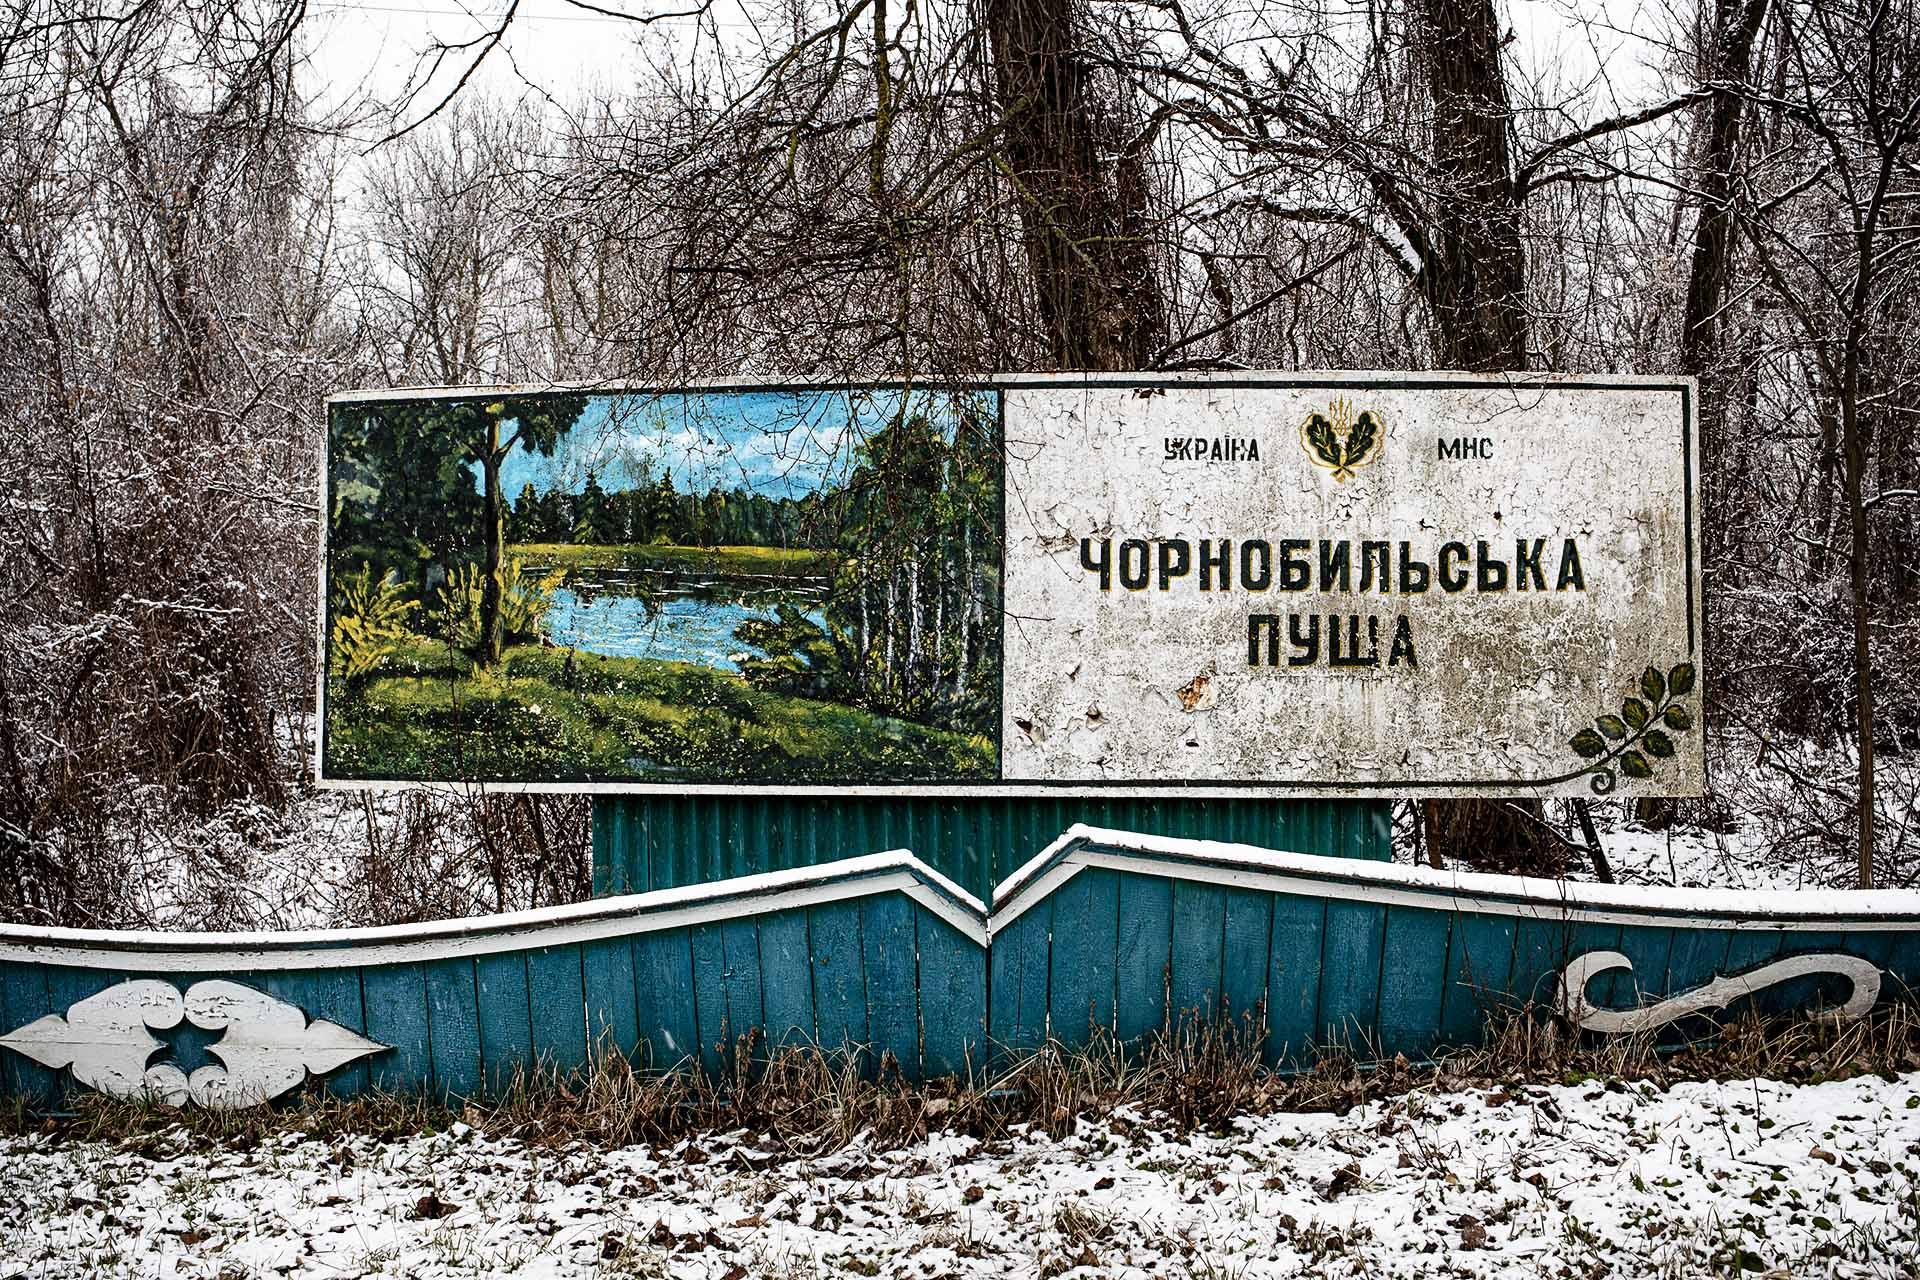 """Una de las muchas """"zonas verdes"""" abandonadas que ahora se mezcla con el resto de la naturaleza."""